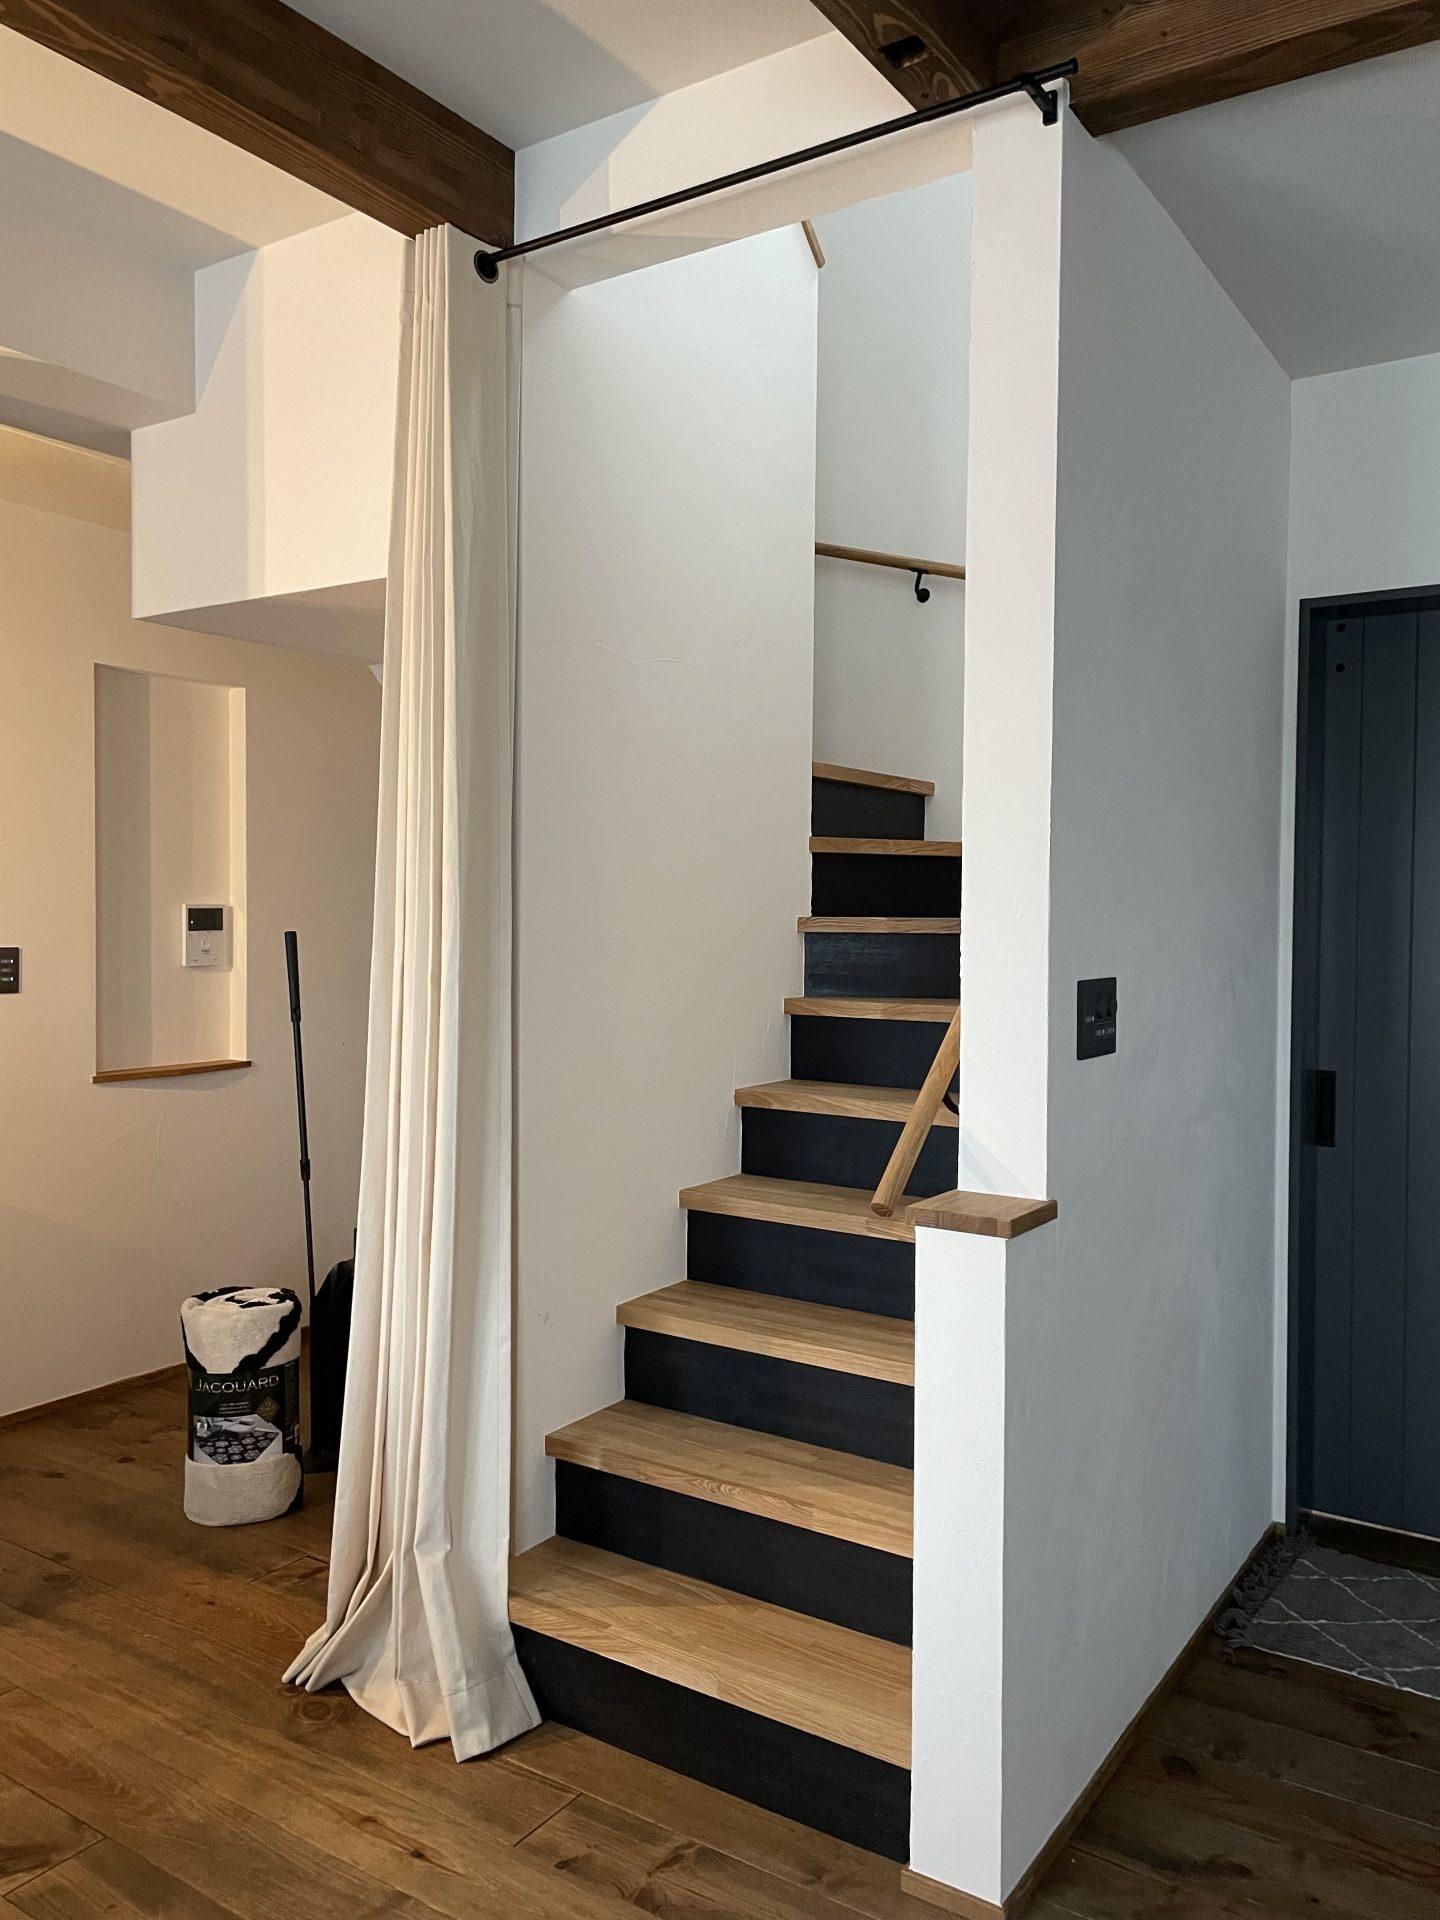 リビング階段にカーテン